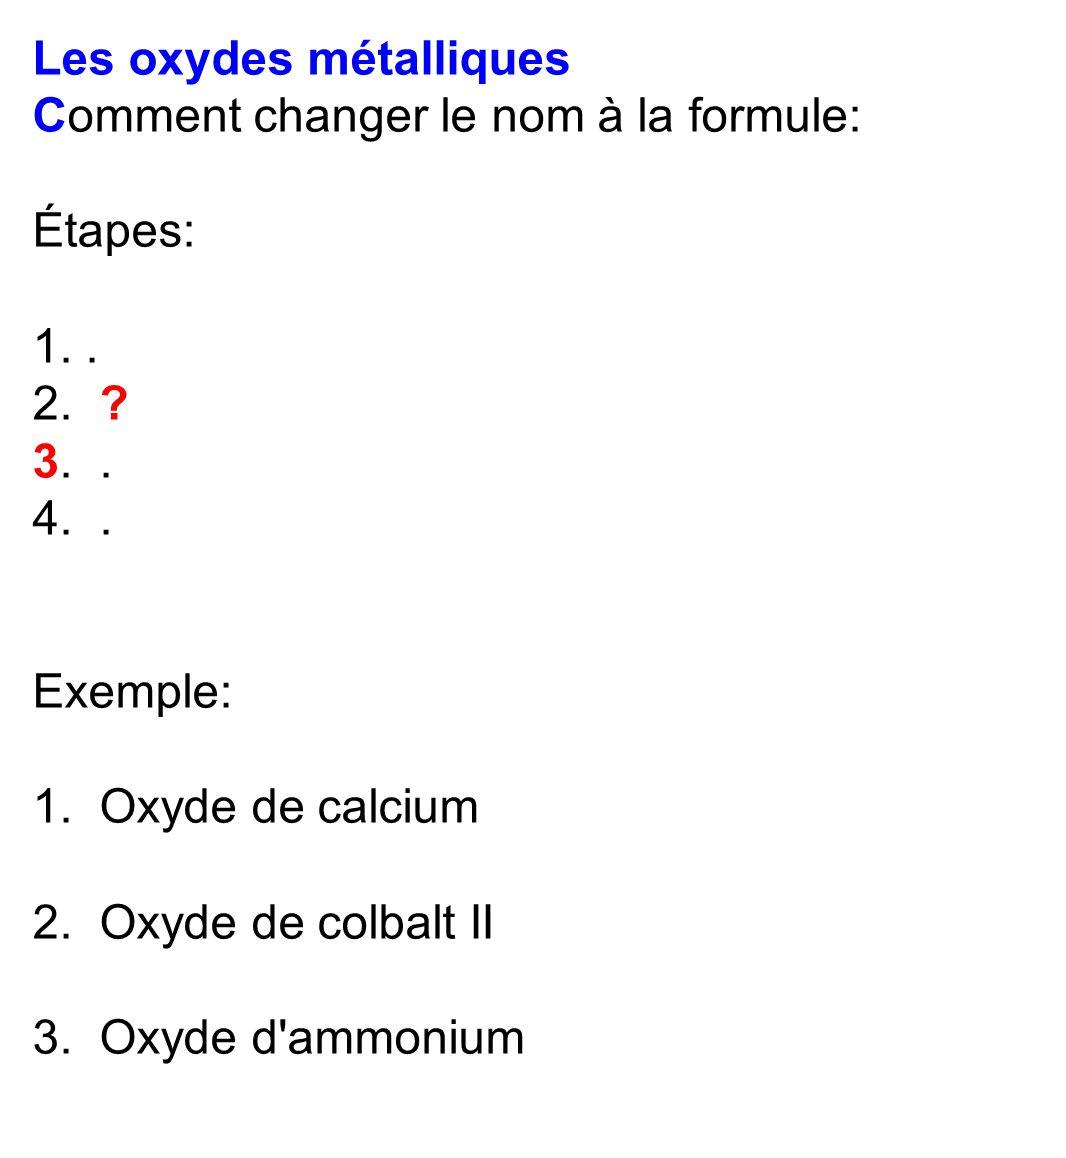 Les oxydes métalliques